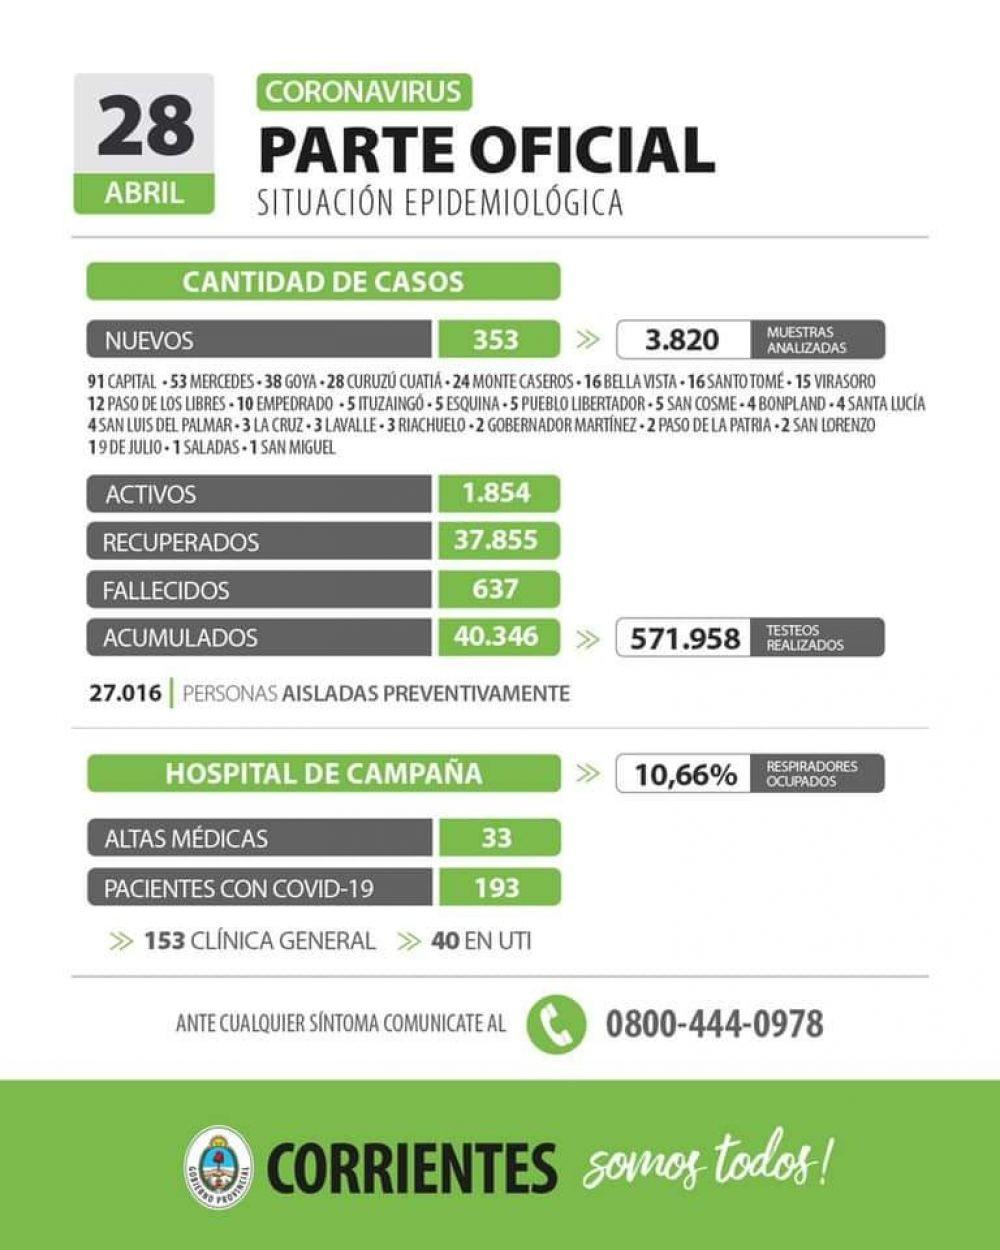 Informan de 533 nuevos casos de coronavirus en Corrientes